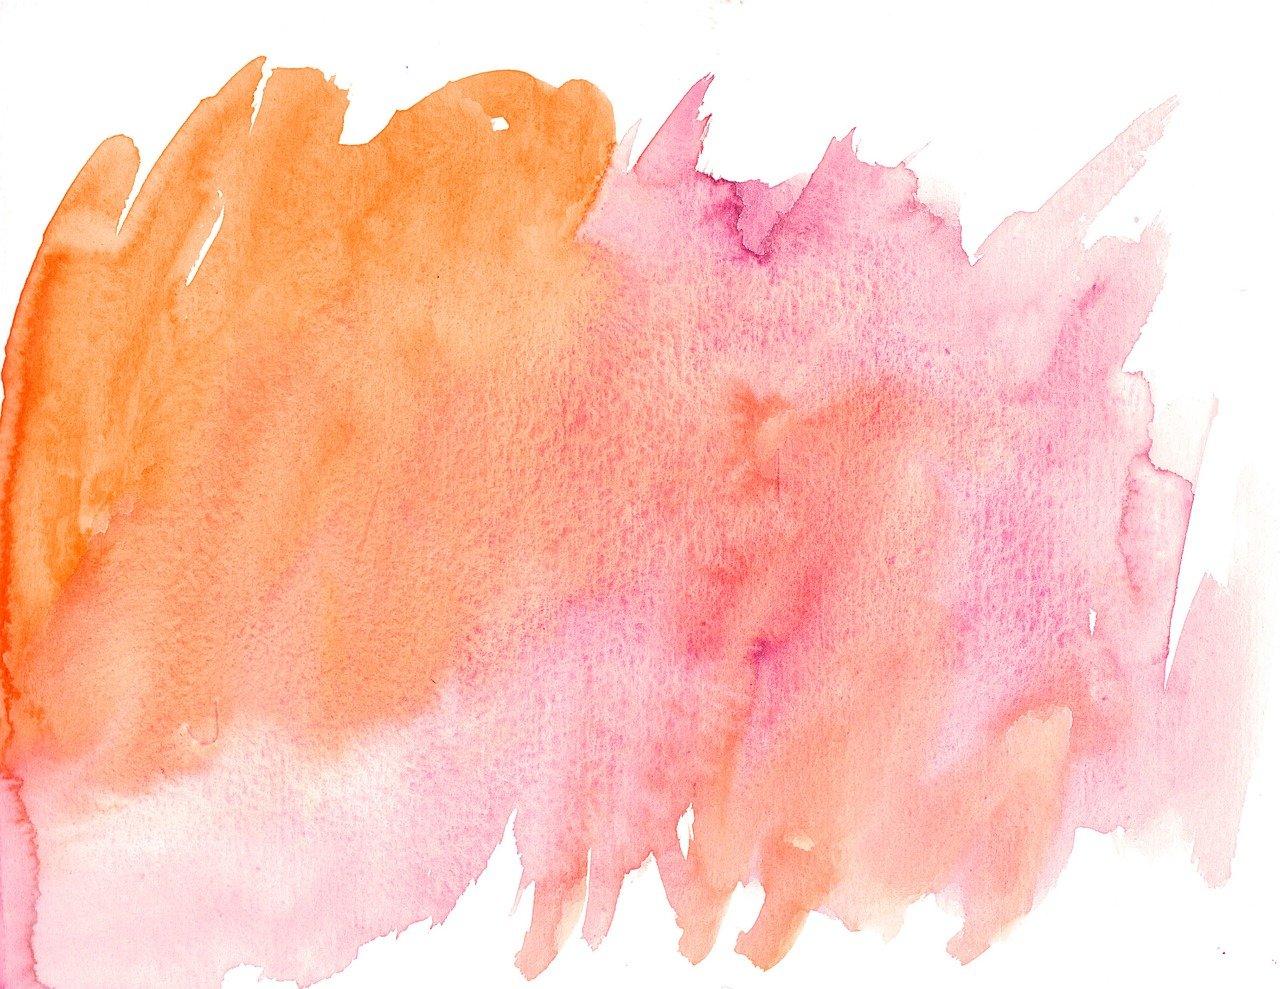 Как сделать нежные цвета акварелью